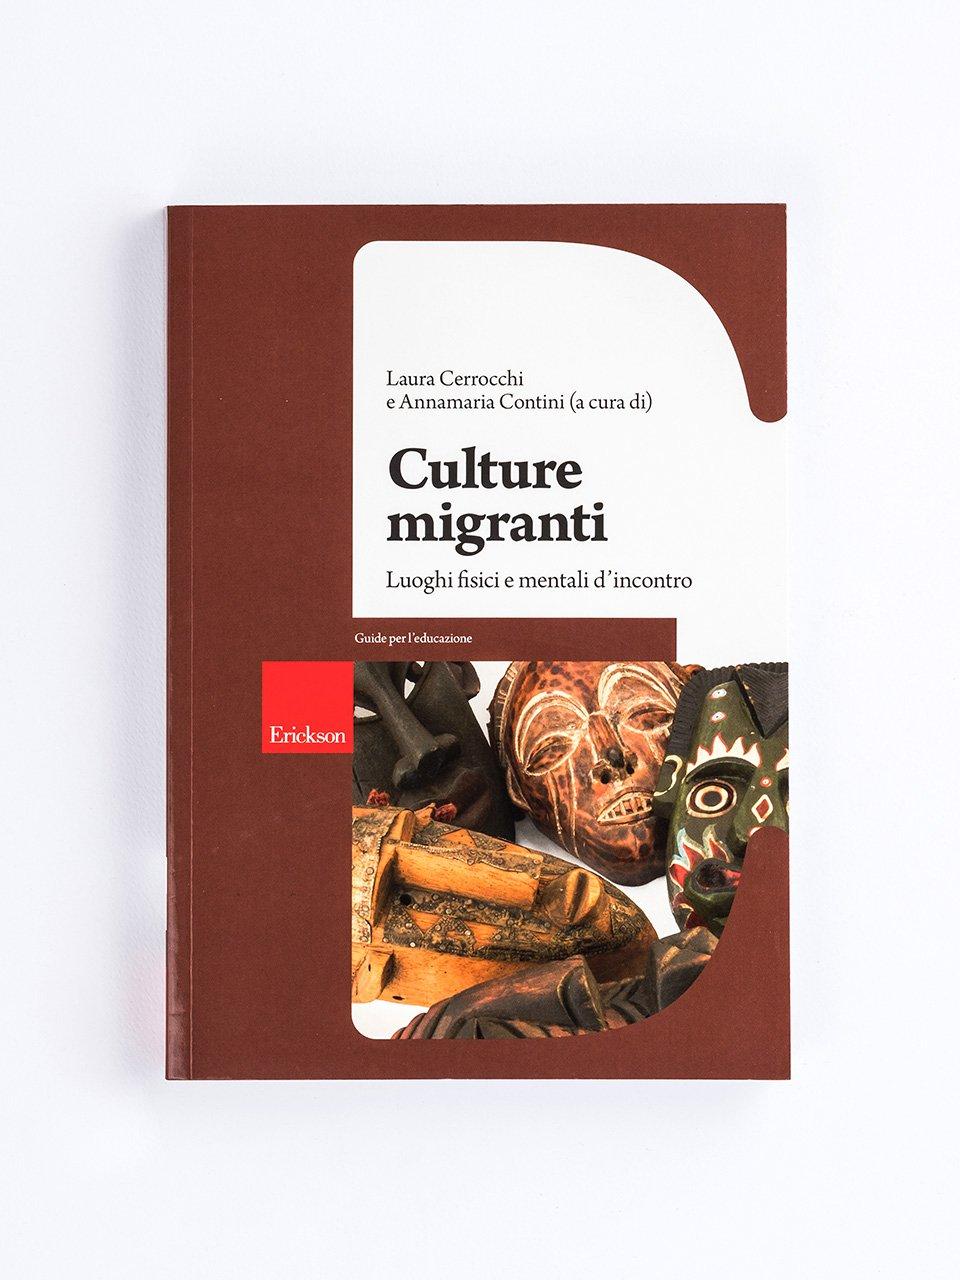 Culture migranti - Il Programma Dream in Malawi - Libri - Erickson